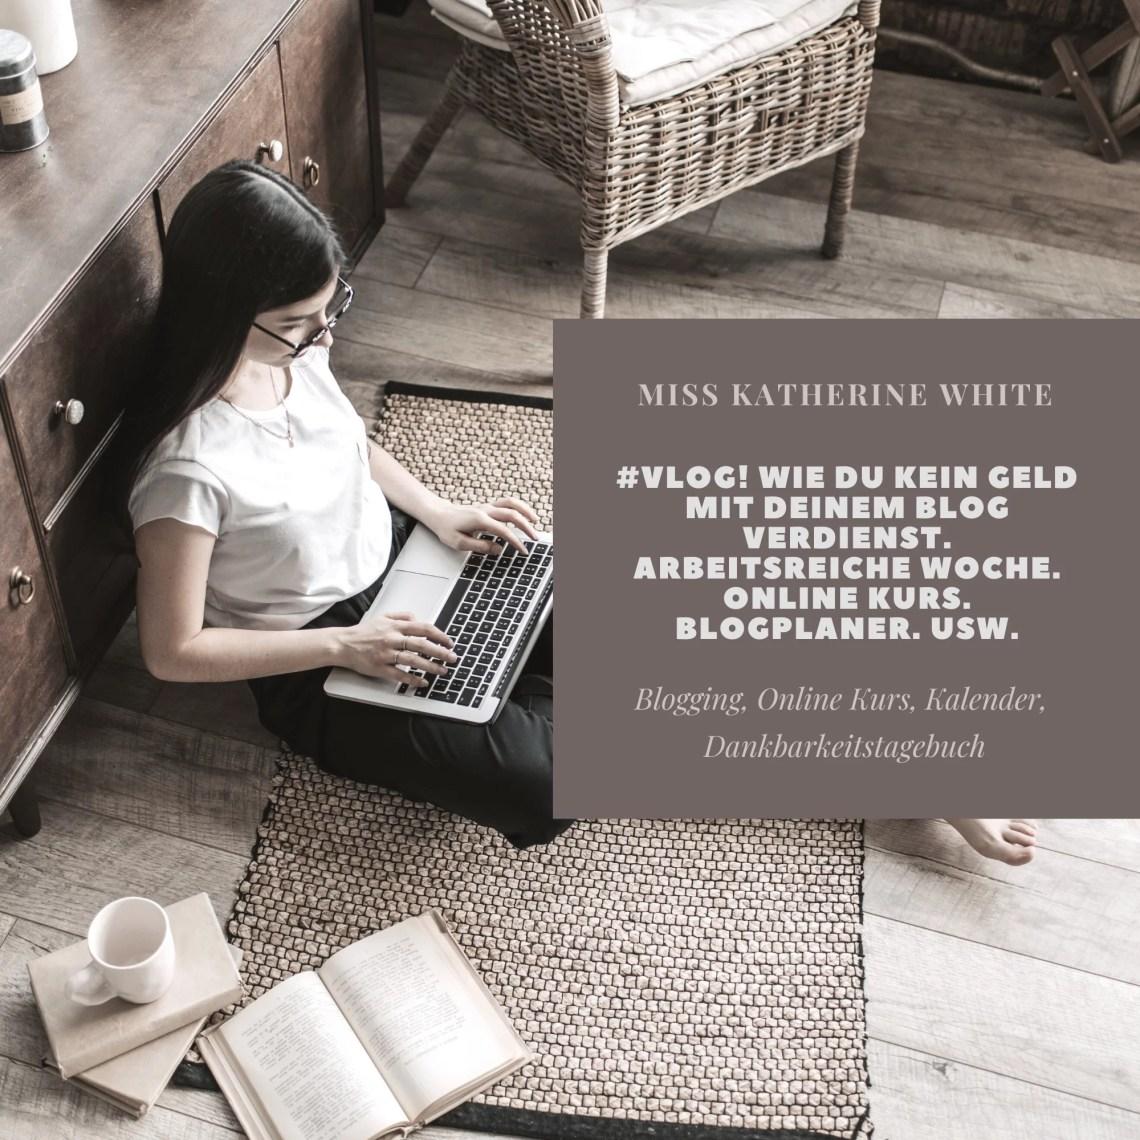 #Vlog Wie du kein Geld mit deinem Blog verdienst. Arbeitsreiche Woche. Online Kurs. Blogplaner. Usw.